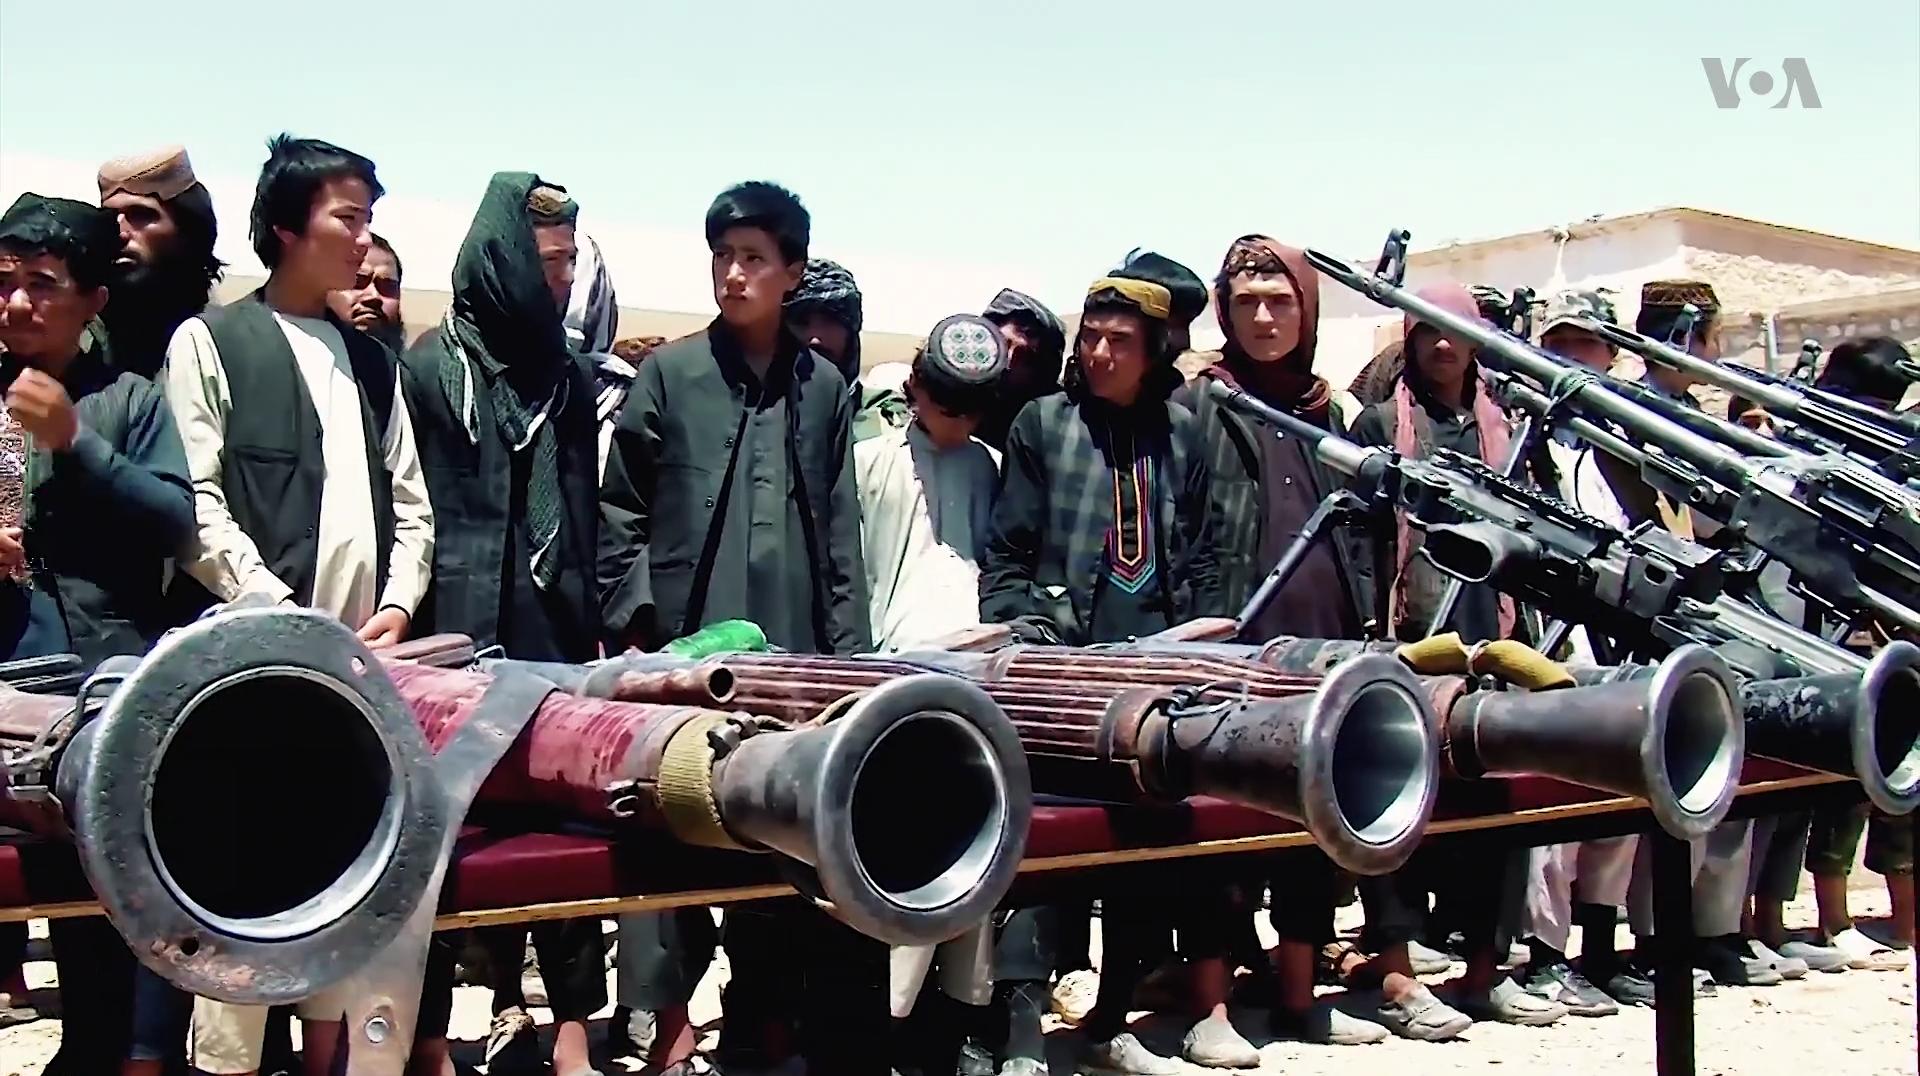 9/2 ISIS-K:野心比塔利班更大,攻擊更高調的恐怖組織